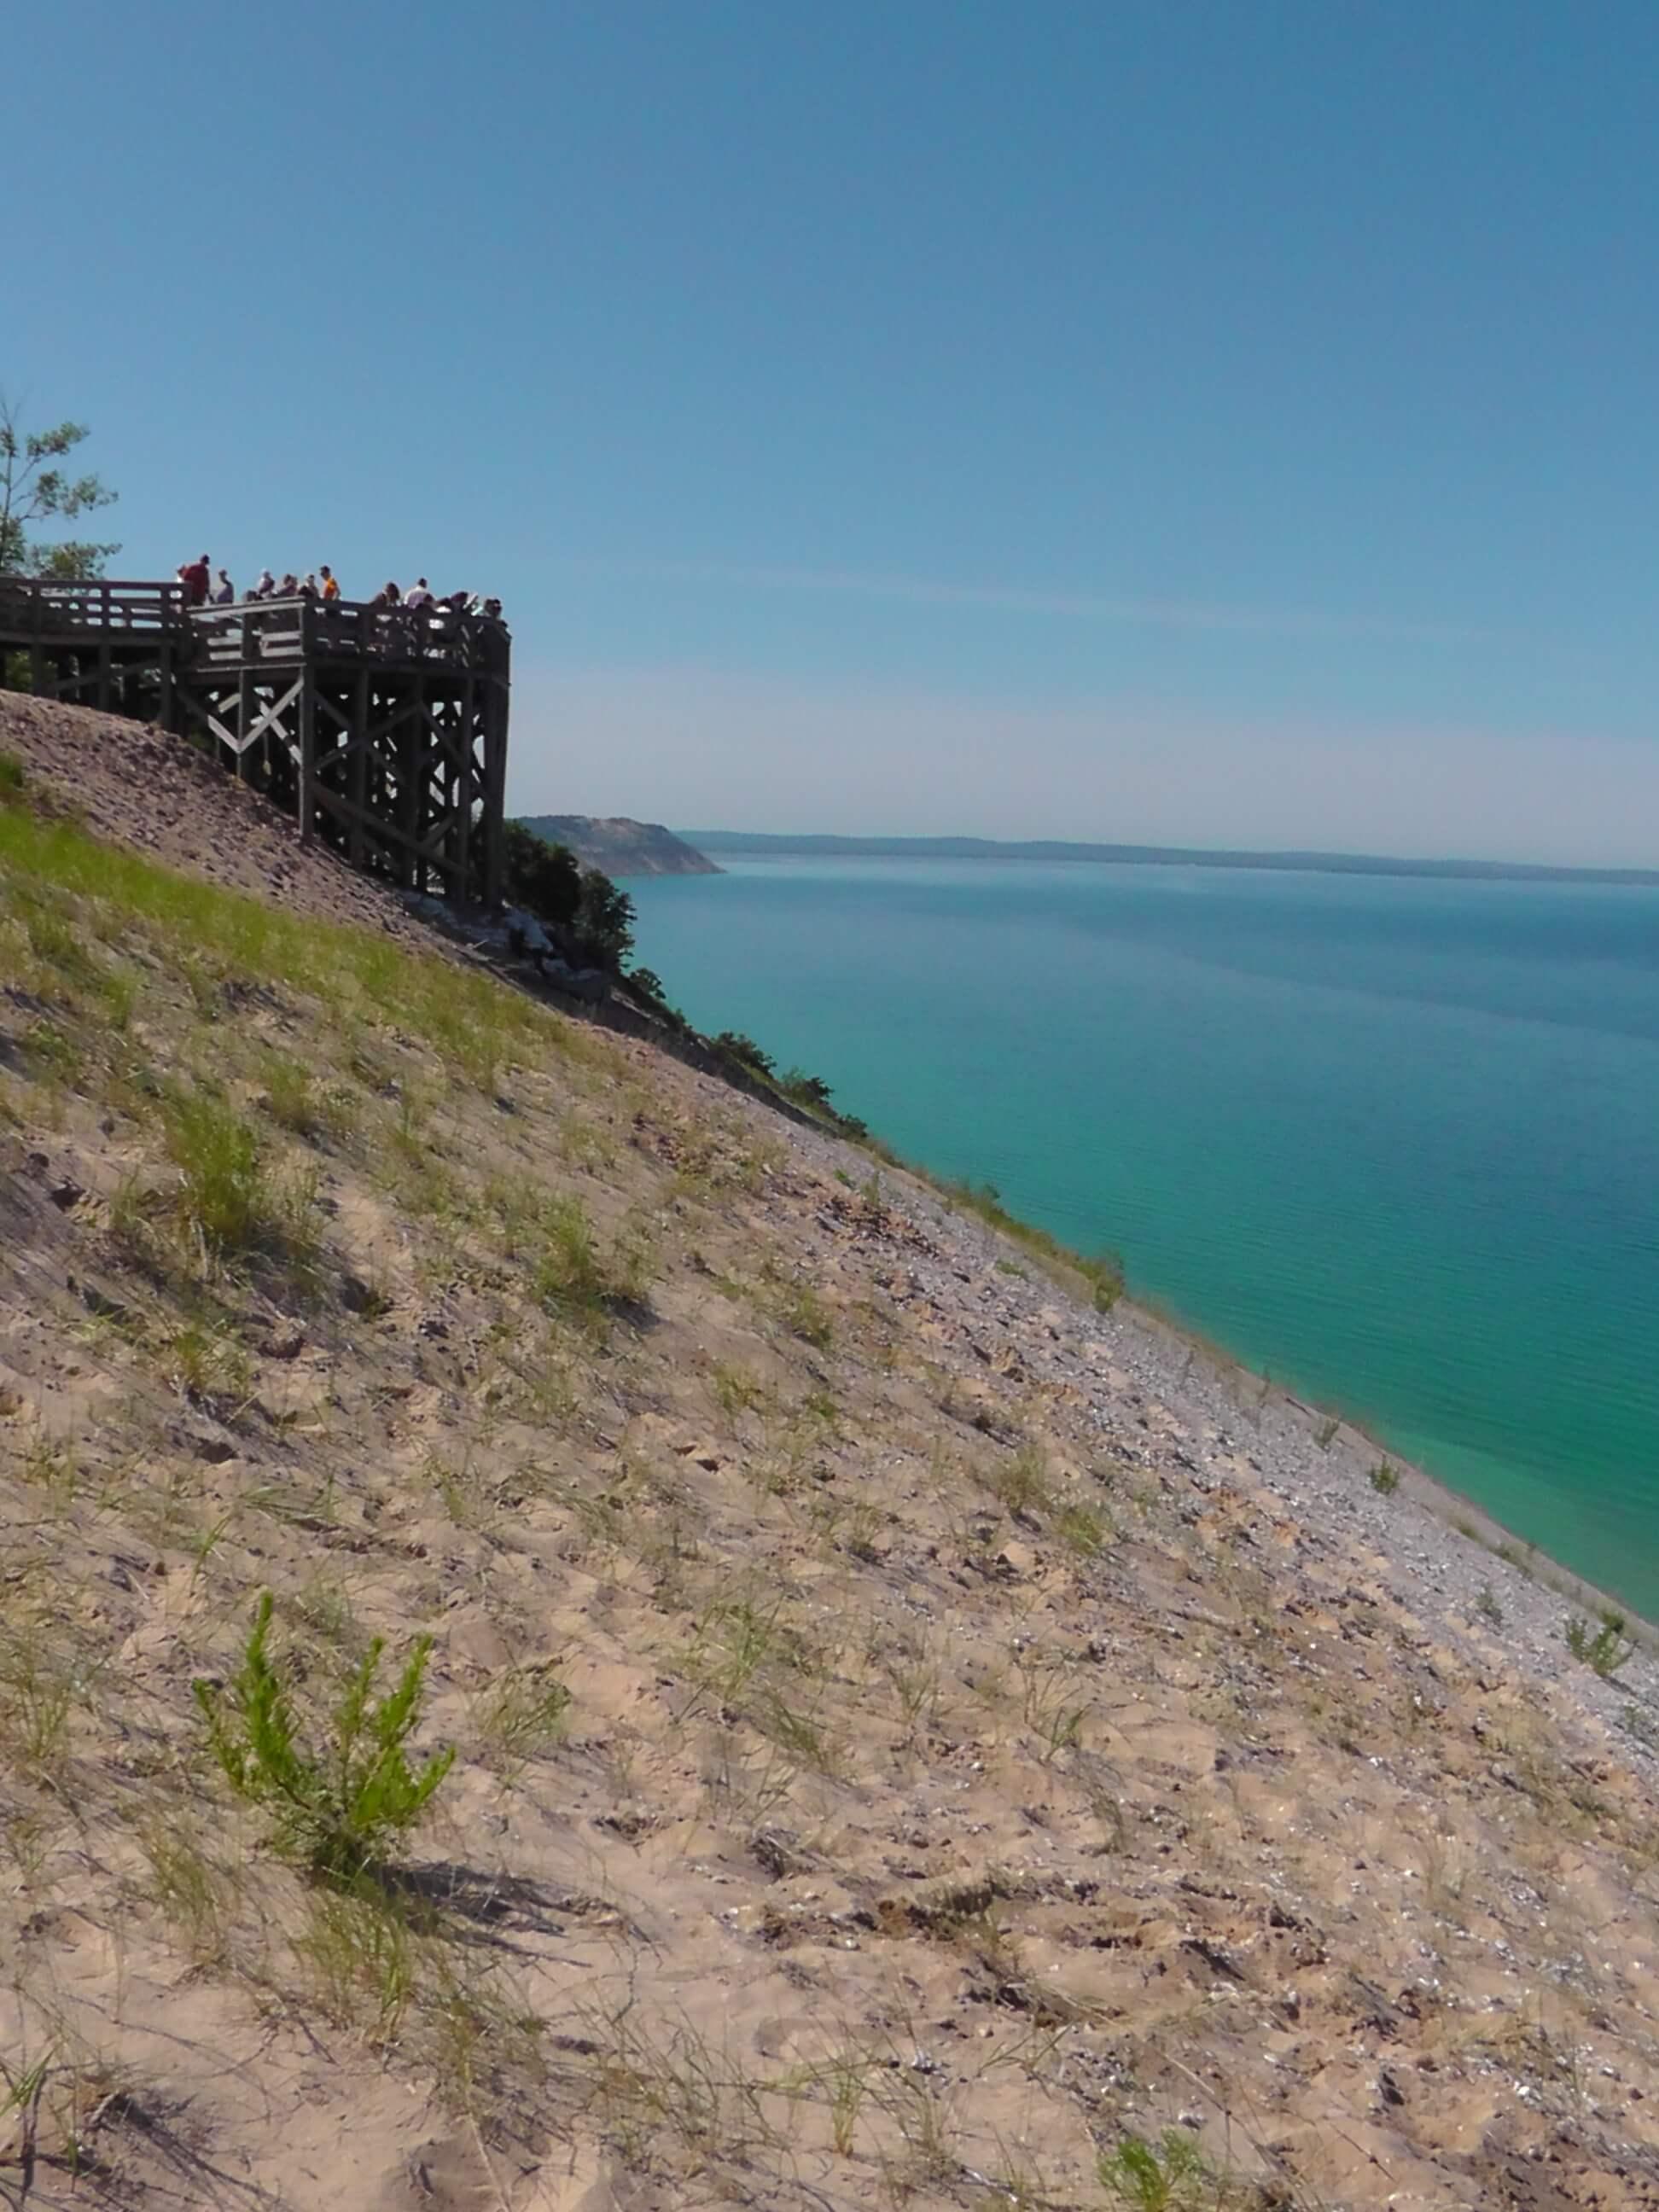 Sleeping Bear Dunes National Lakeshore, Lake Michigan